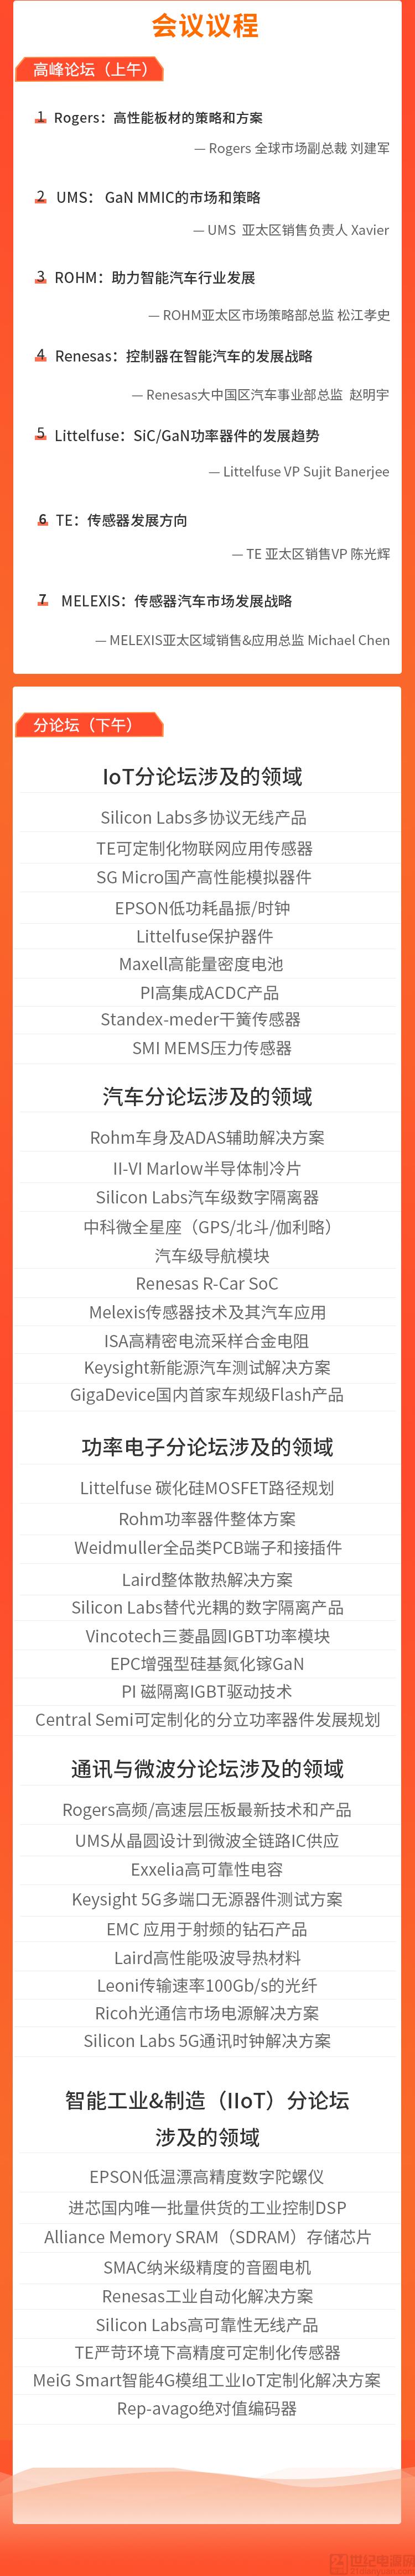 硬创峰会:IoT 分论坛一站式获取传感器、超低功耗 MCU、多协议无线产品的最新前沿技术